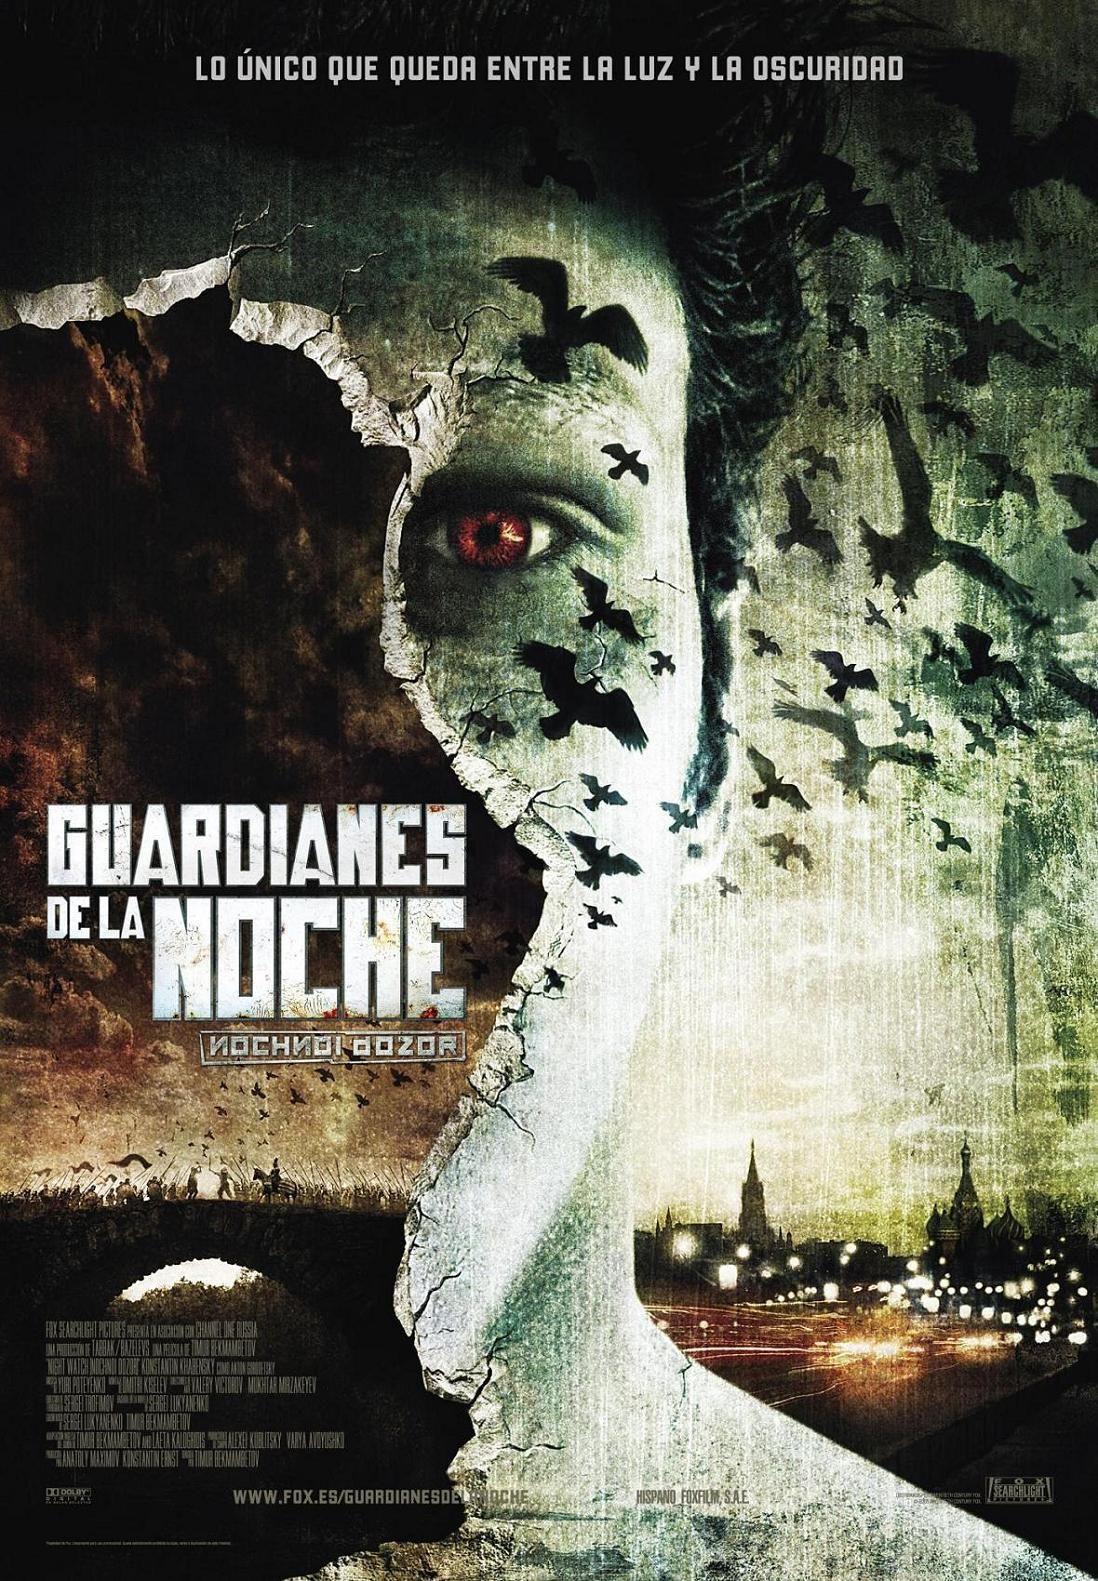 2005 09 07 Guardianes De La Noche Peliculas De Terror Horror Movie Posters Peliculas Fantasia